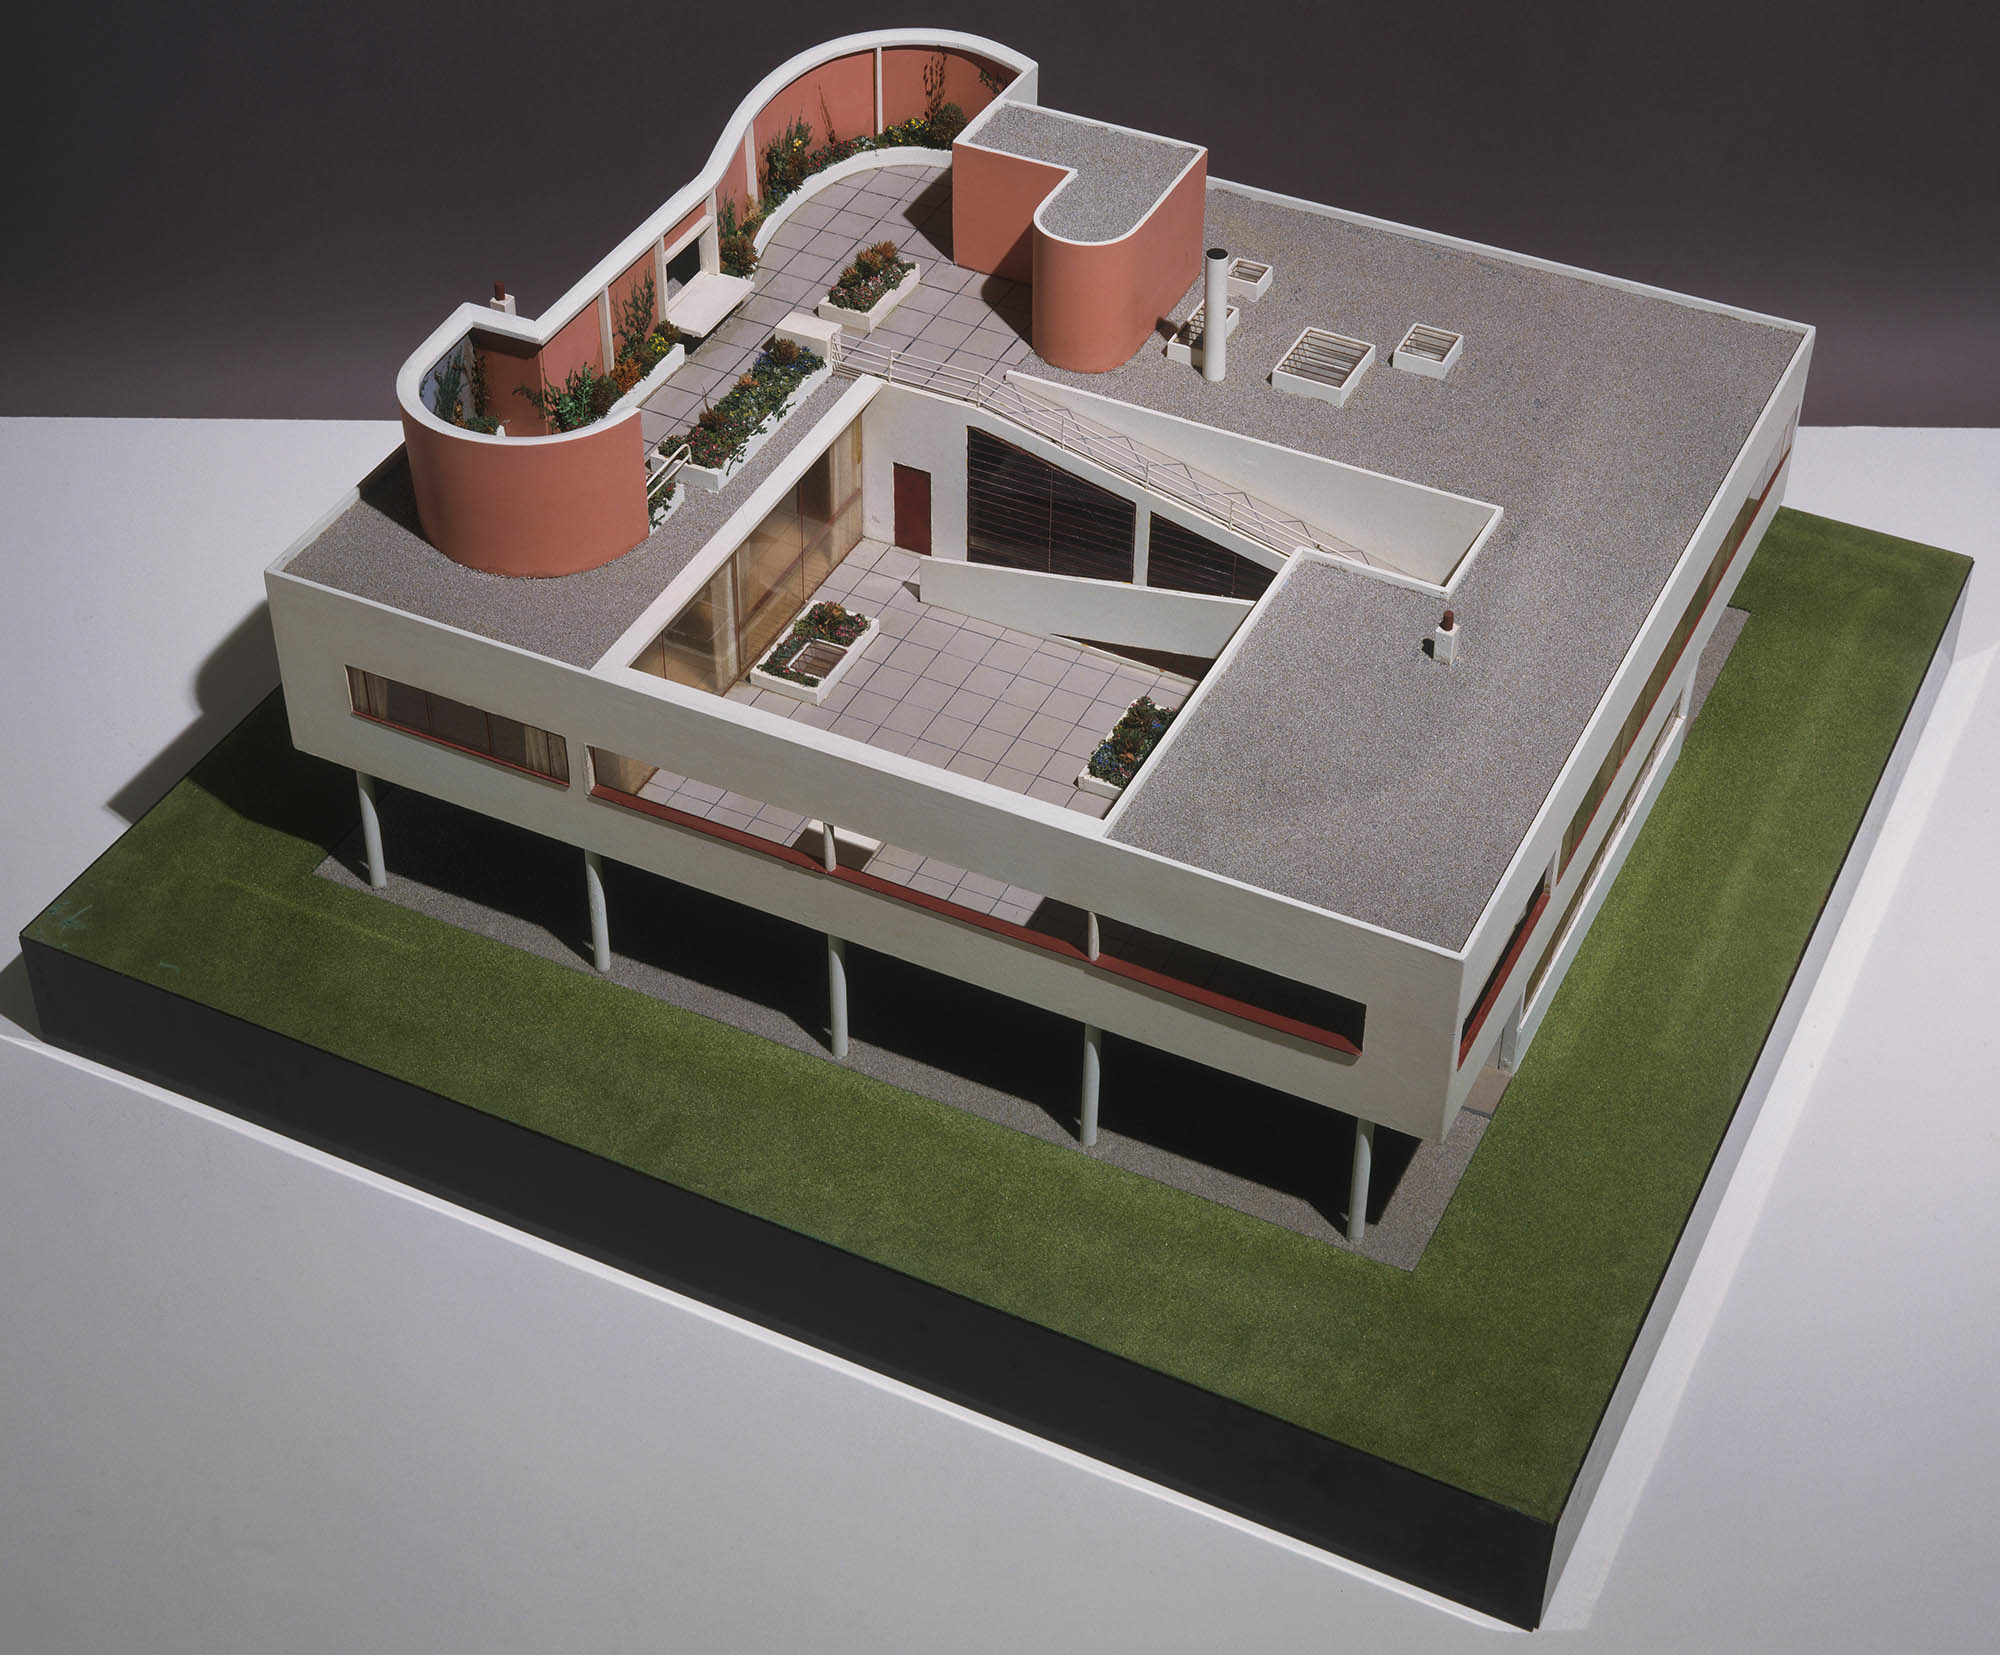 Le Corbusier: An Atlas of Modern Landscape